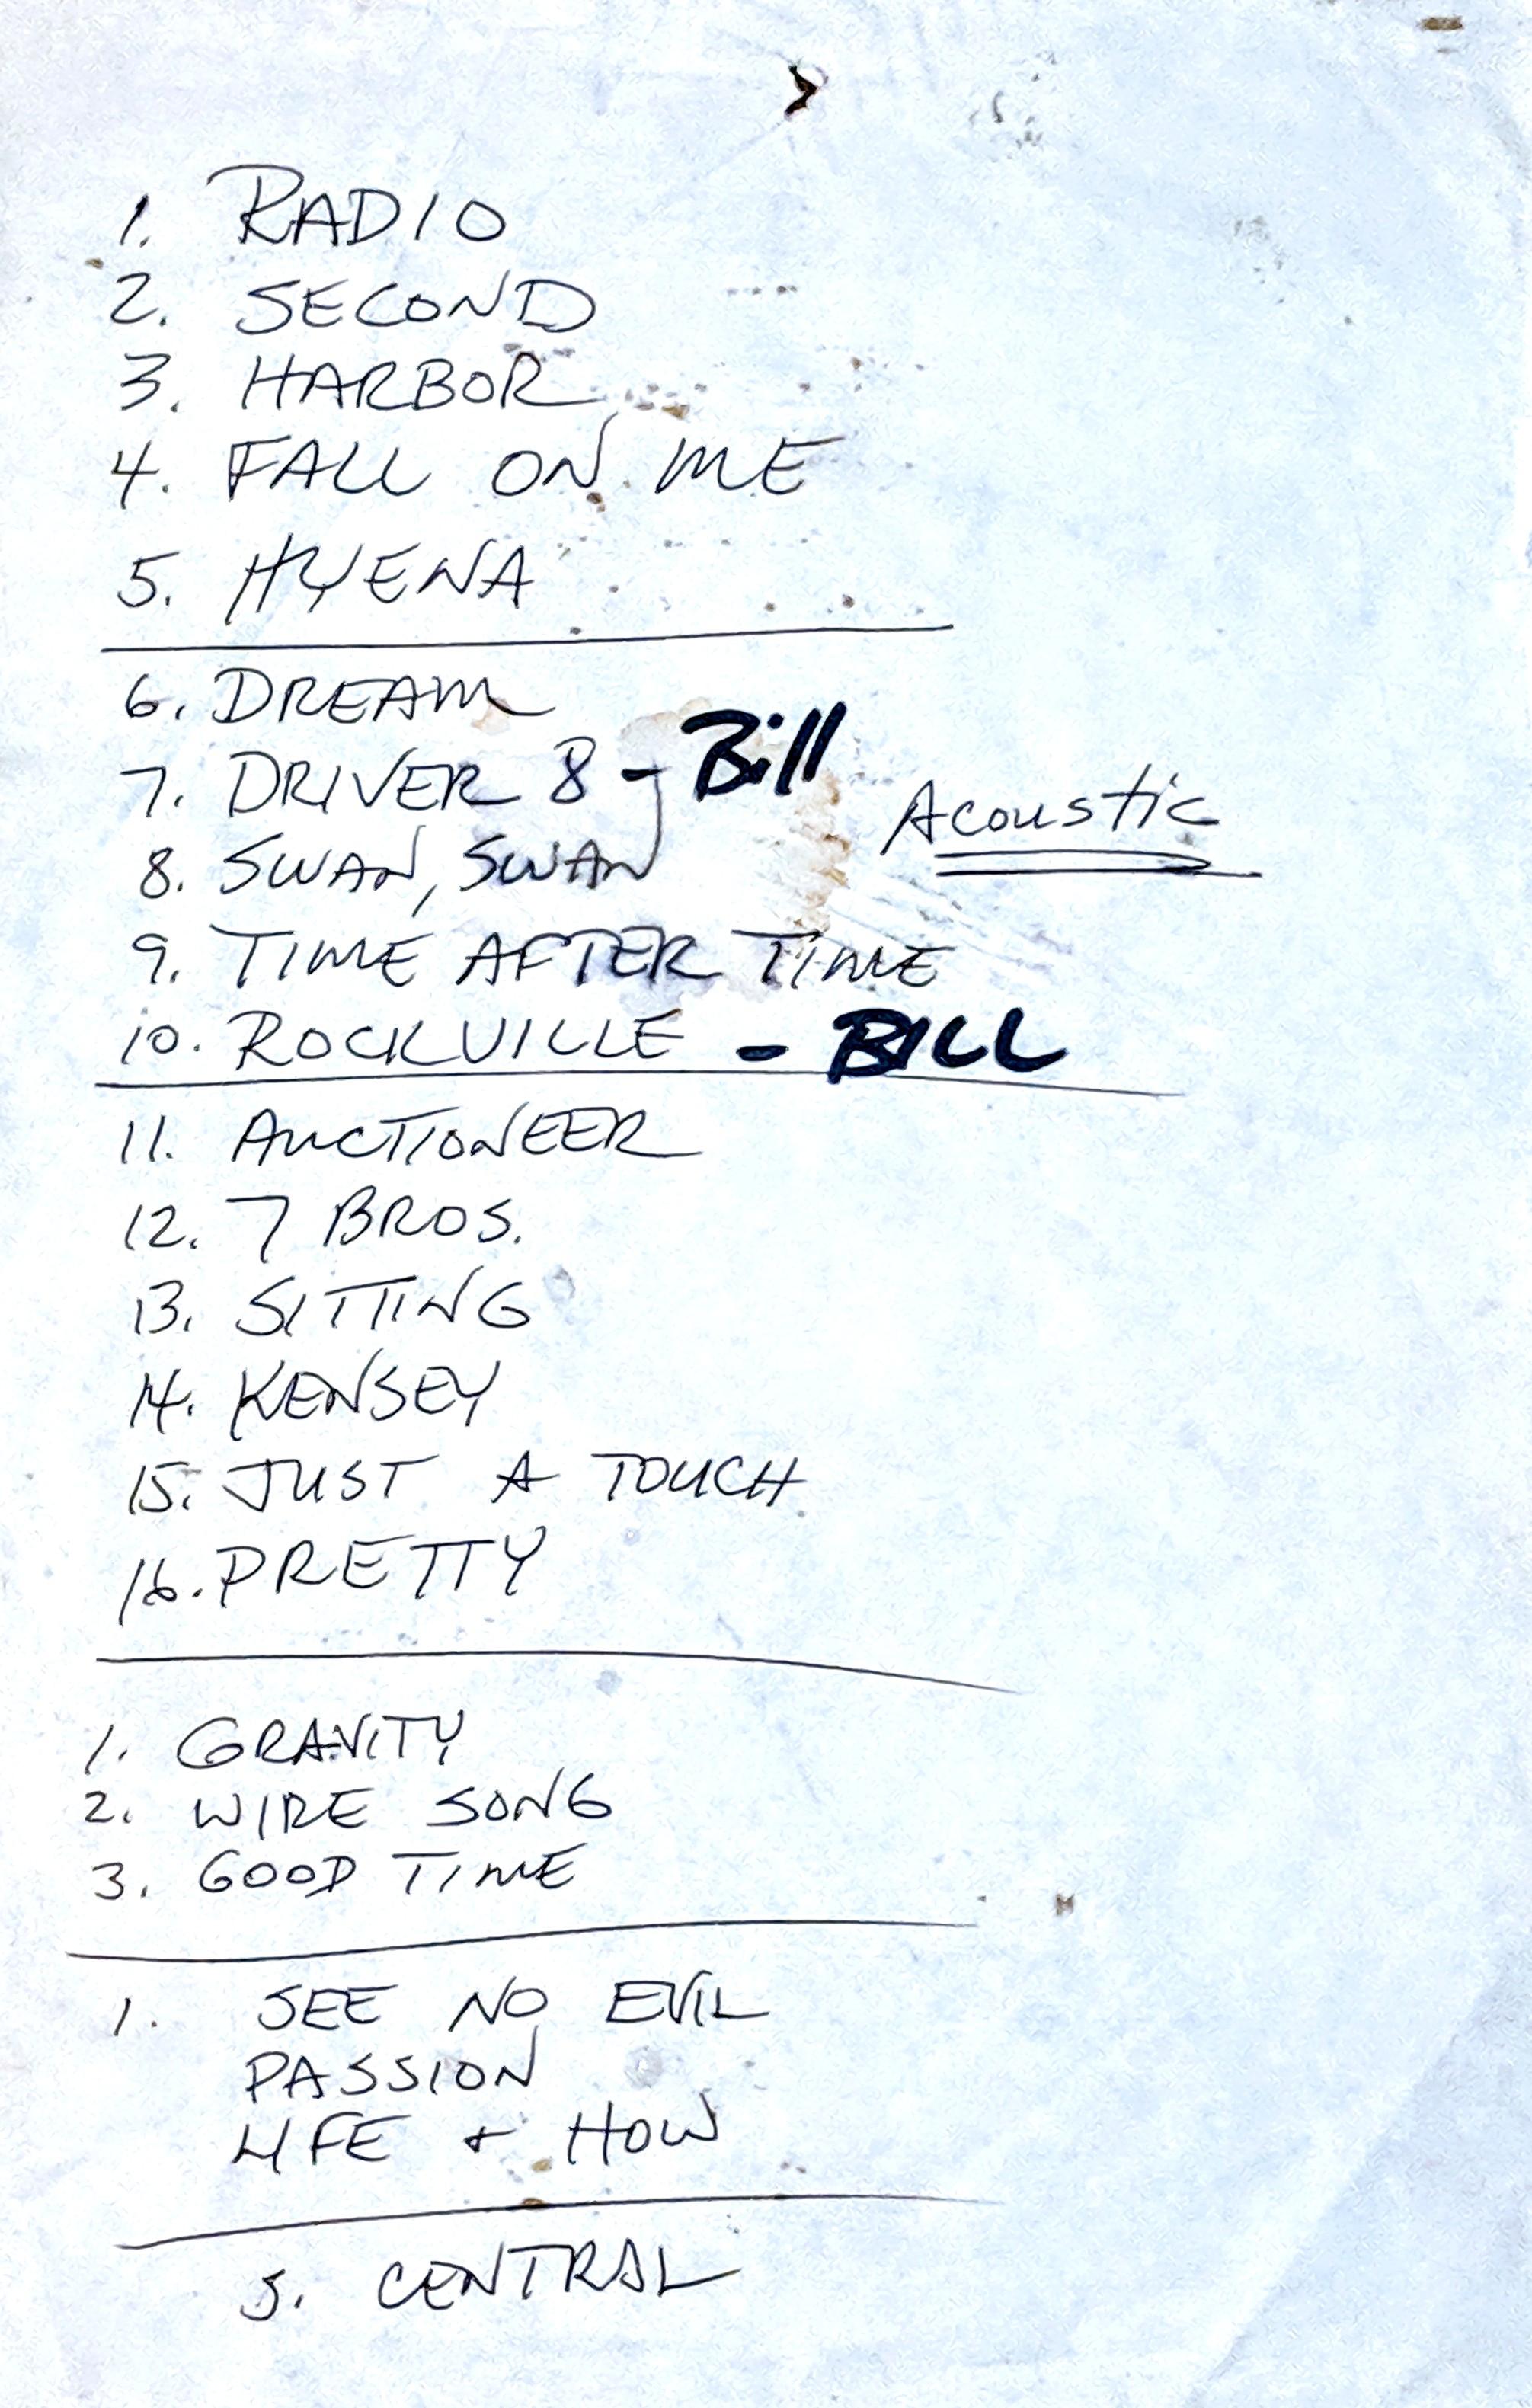 D Boon setlist 1-20-86